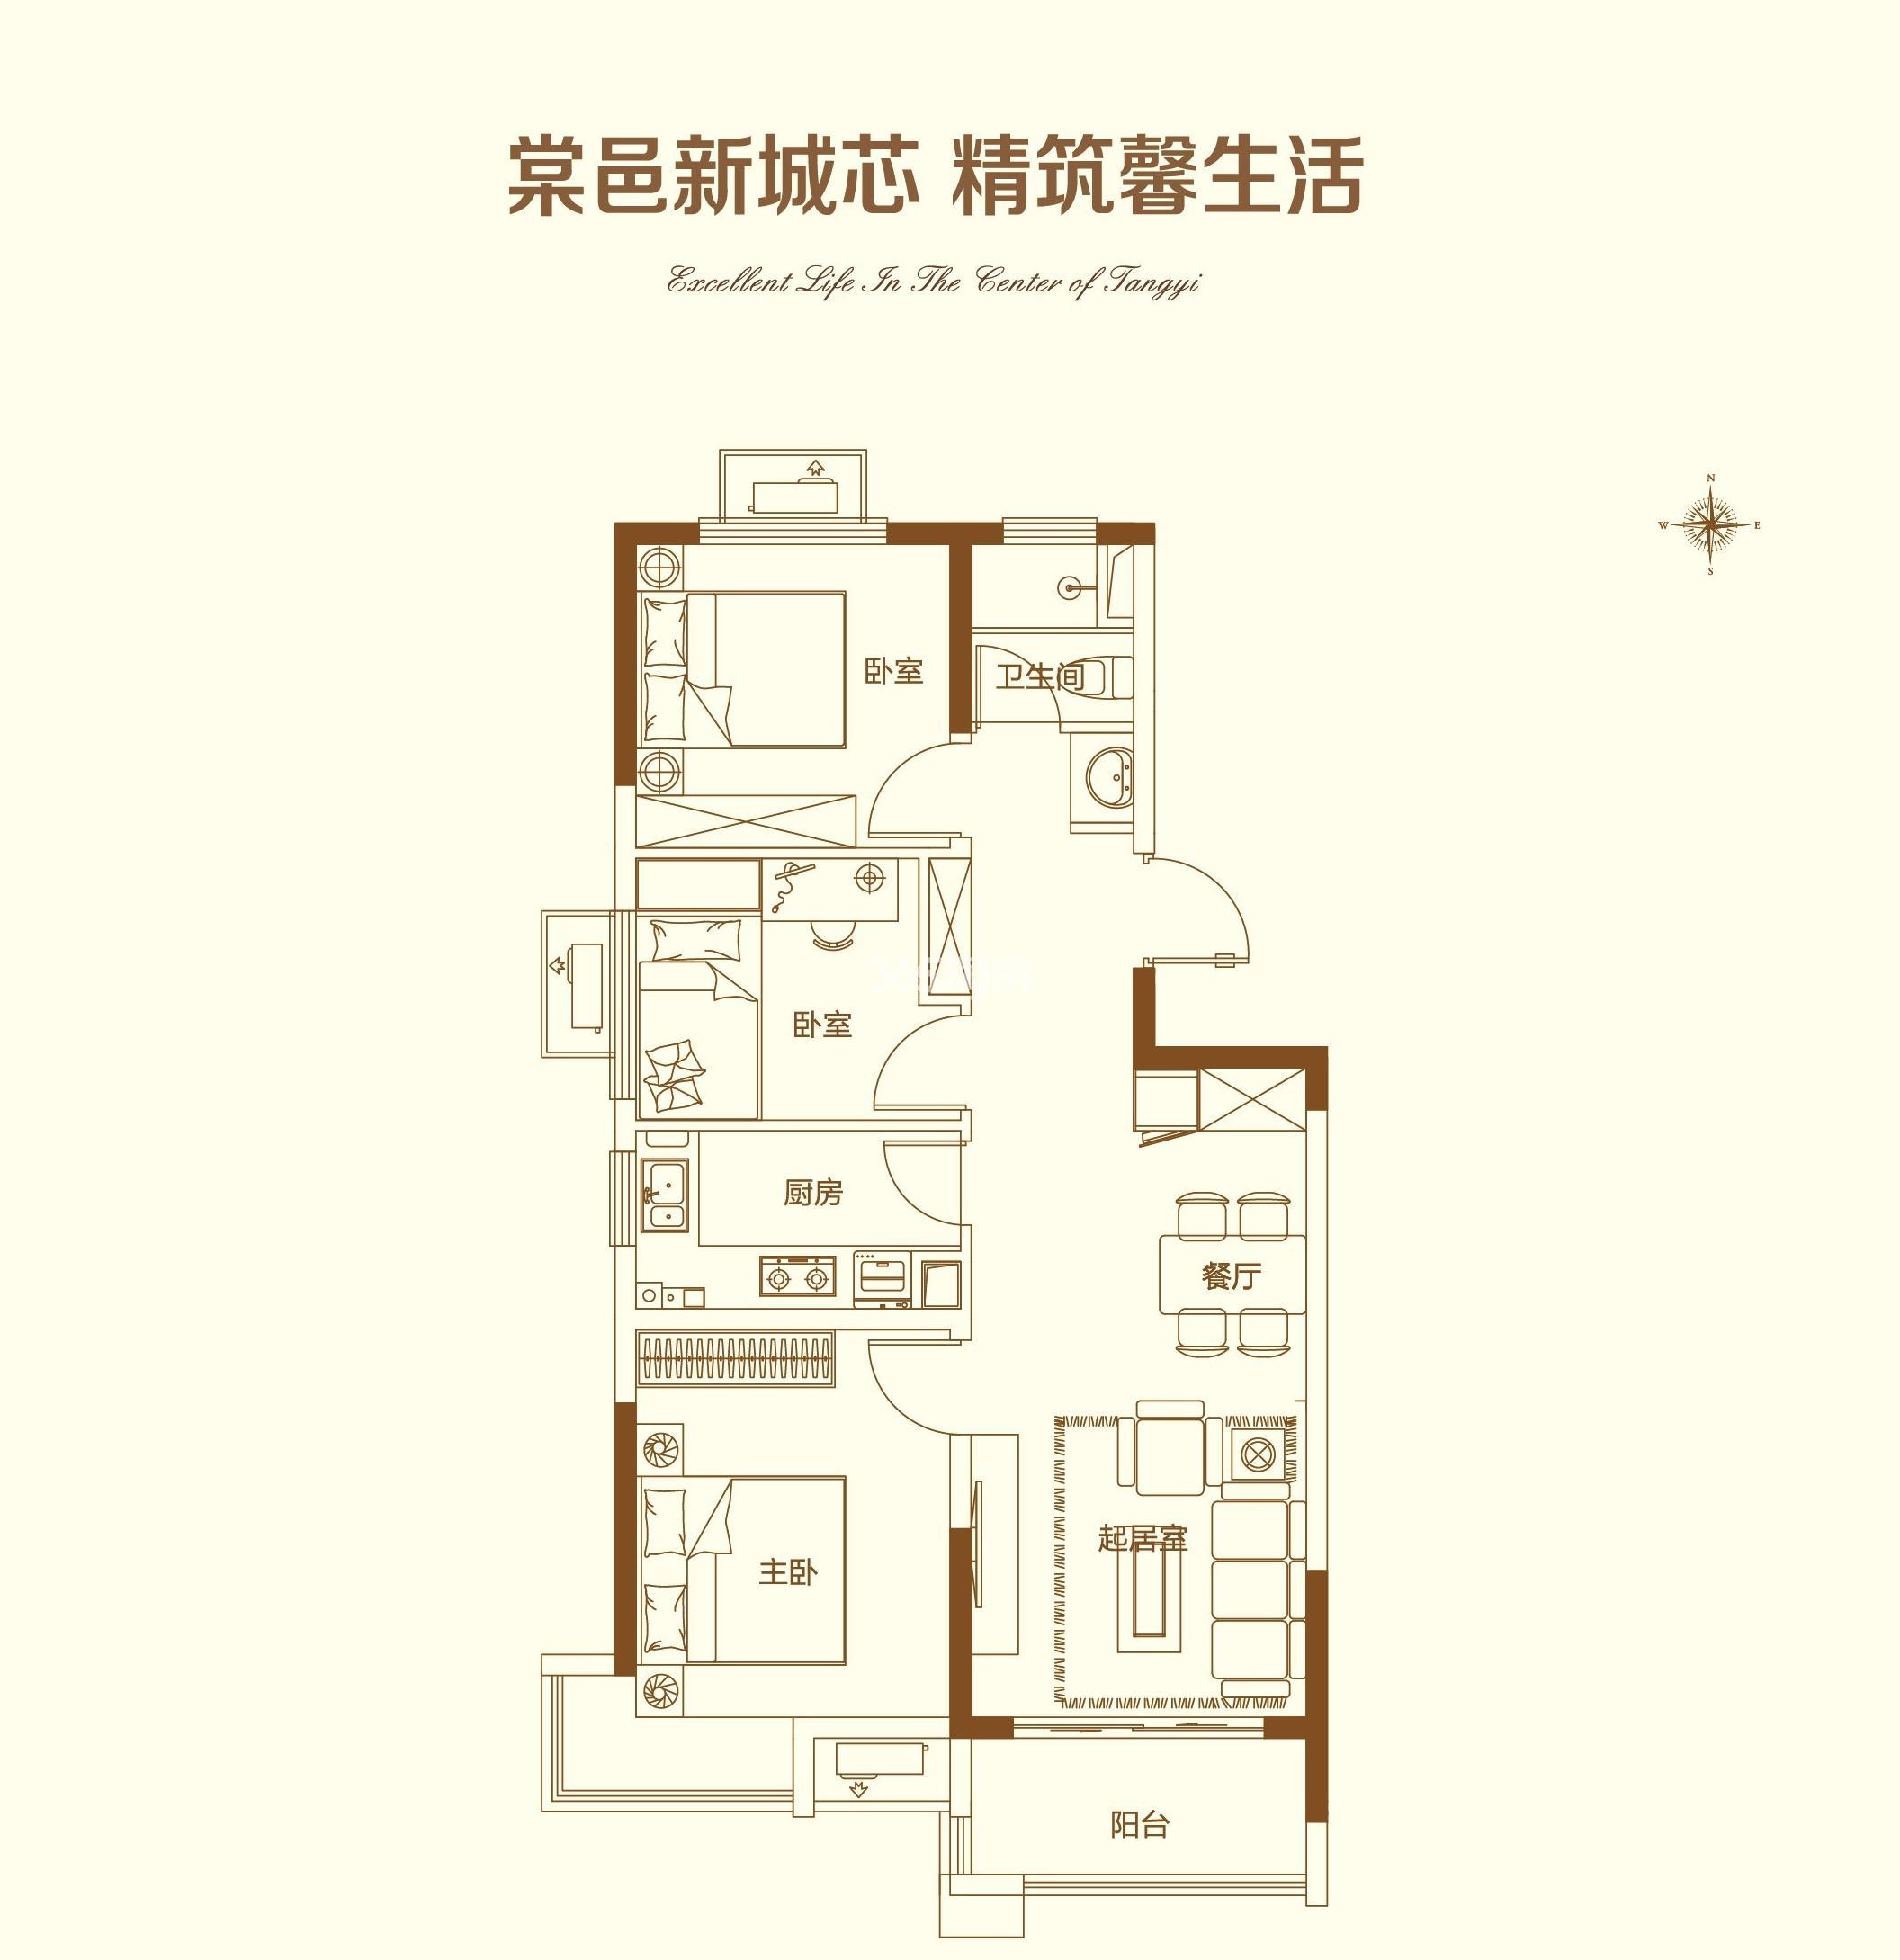 荣盛茉湖书苑89㎡B1三室两厅户型